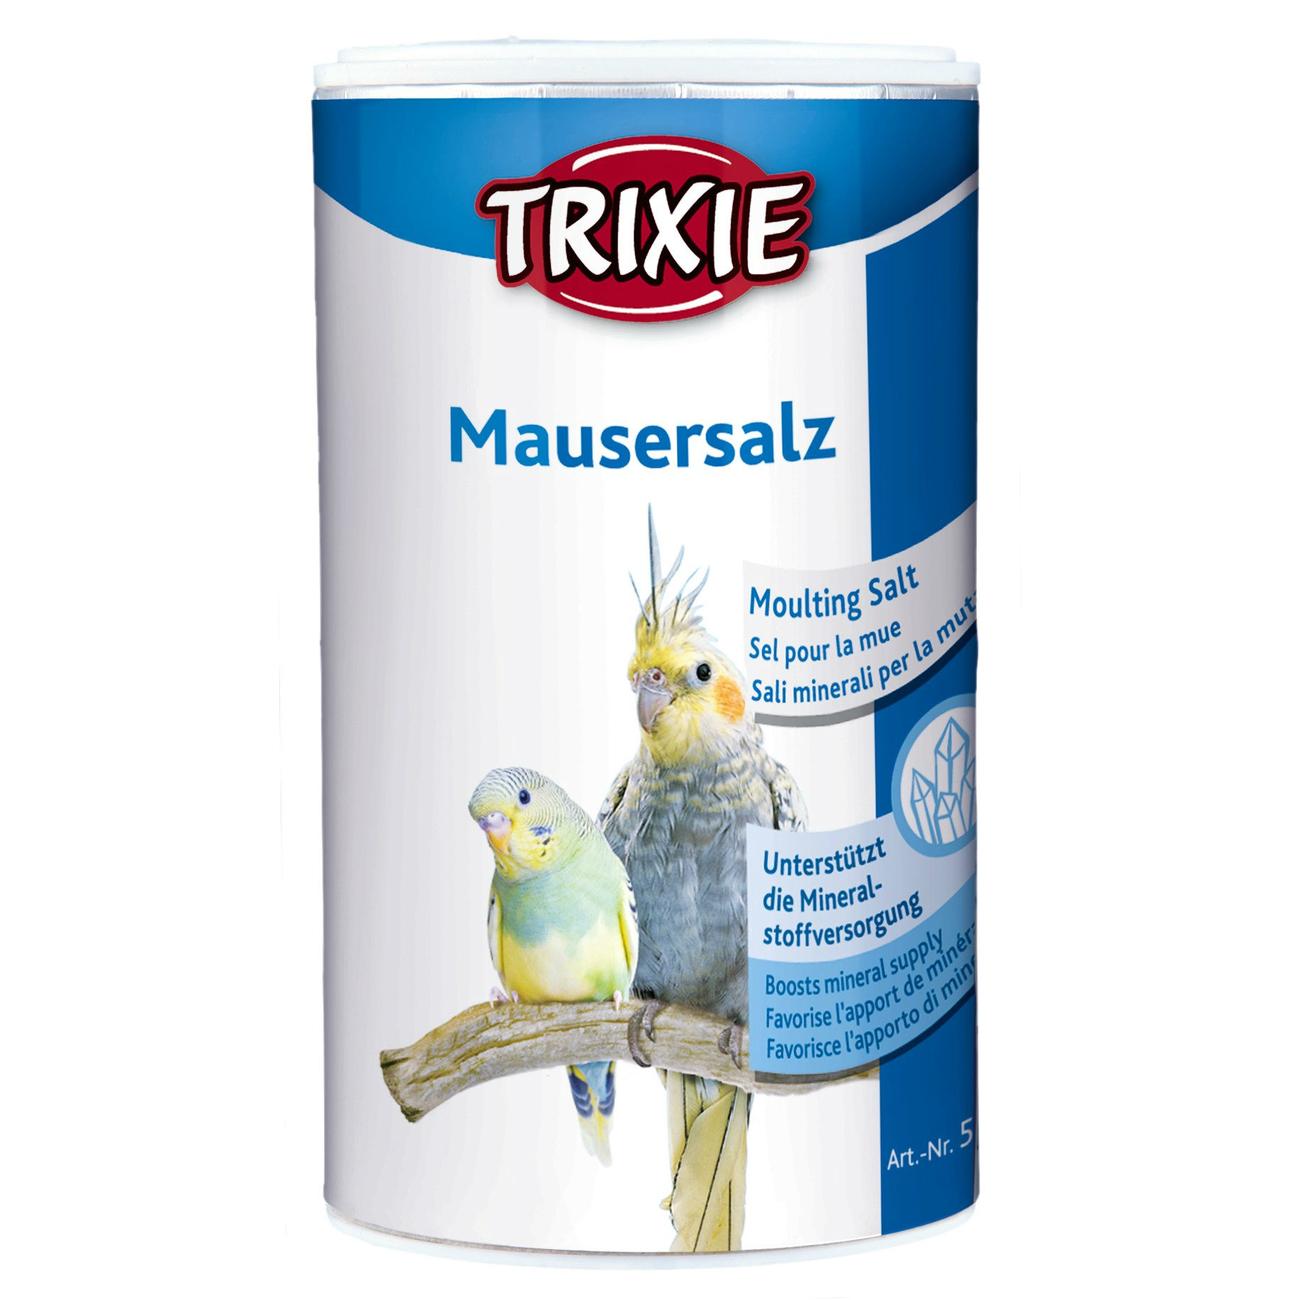 Trixie Mausersalz 5018